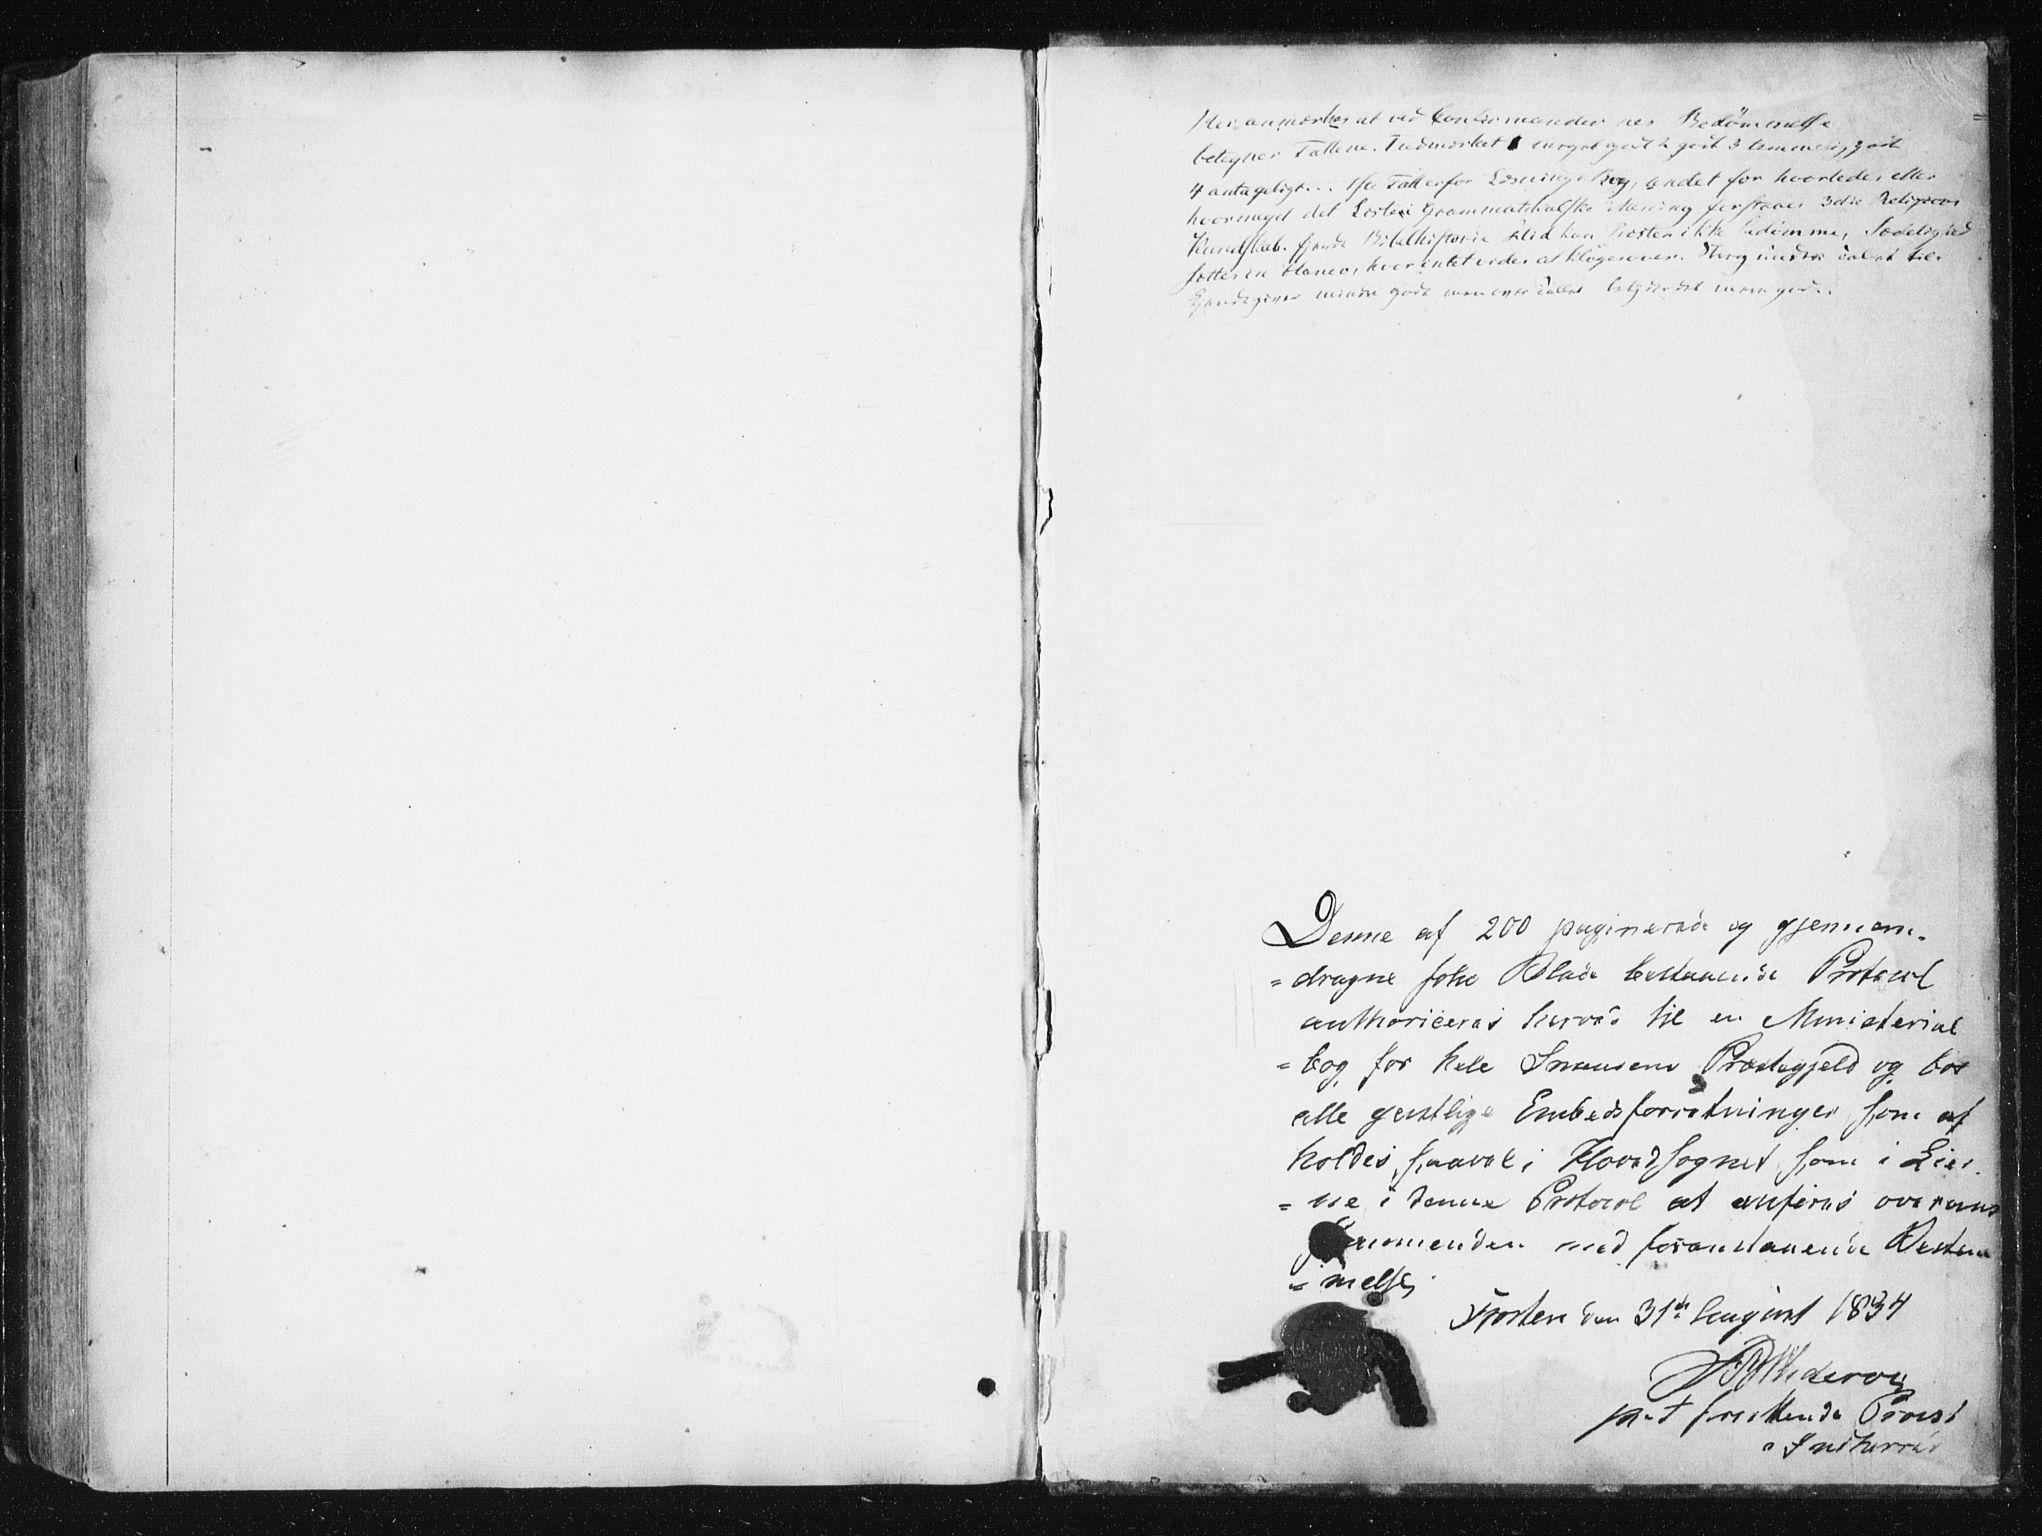 SAT, Ministerialprotokoller, klokkerbøker og fødselsregistre - Nord-Trøndelag, 749/L0470: Ministerialbok nr. 749A04, 1834-1853